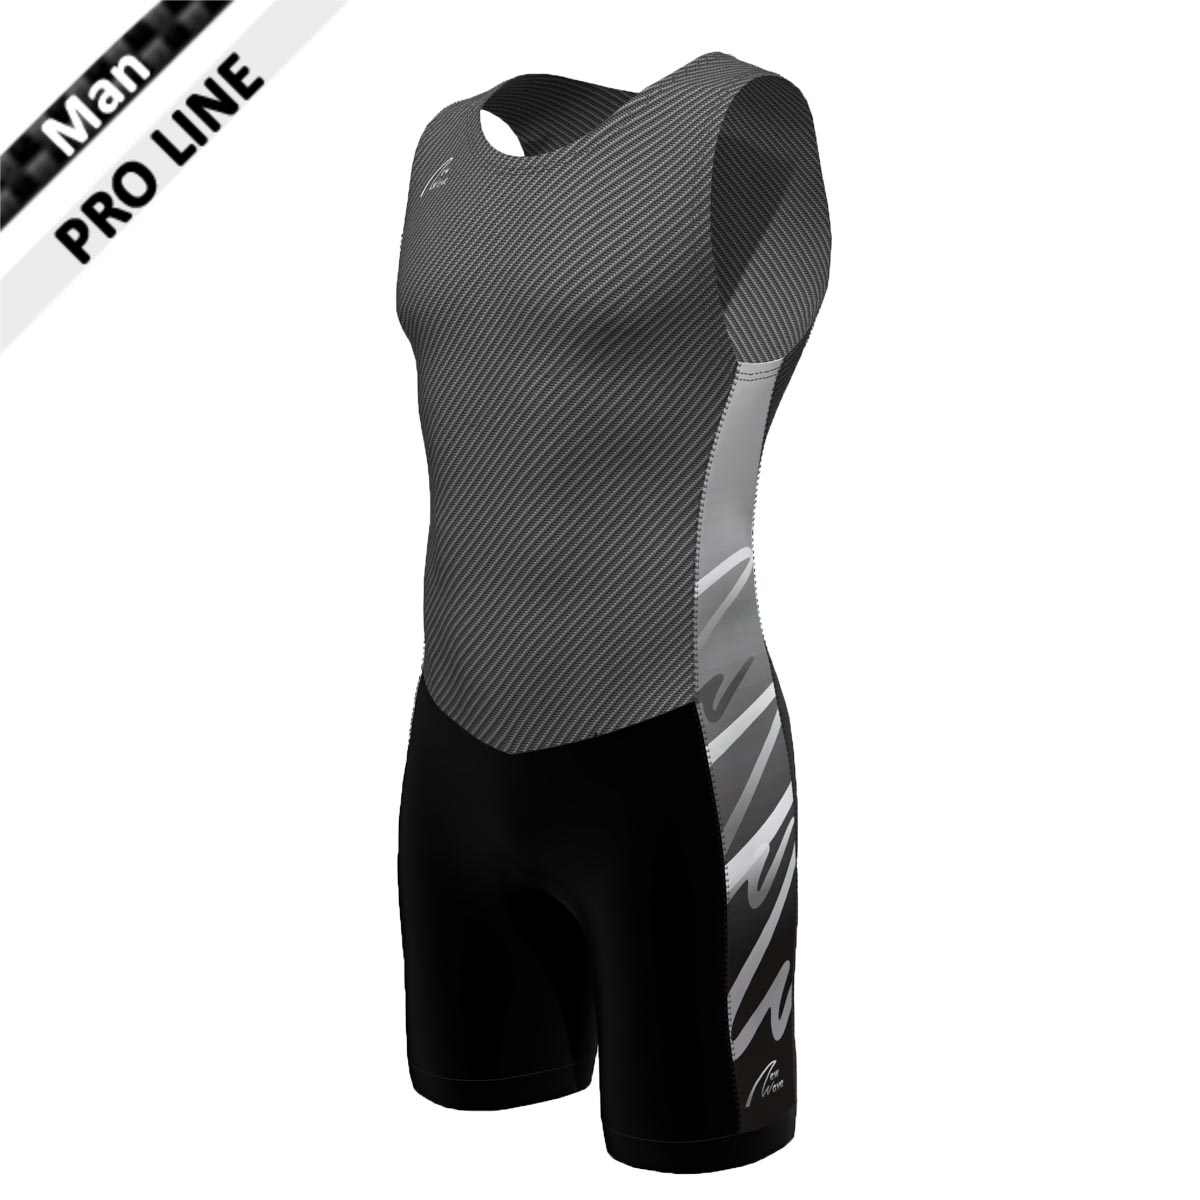 Pro Suit - Man carbon/grau  (Body - carbon / Hose - schwarz / Seitenstreifen - NW grau verlaufend)